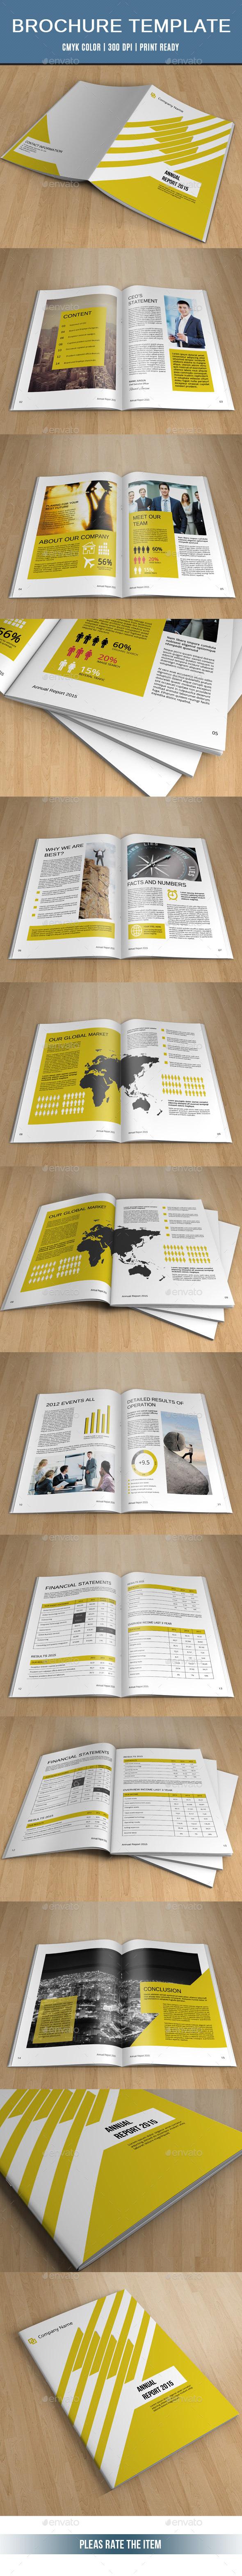 GraphicRiver Annual Report Brochure-V220 10682938